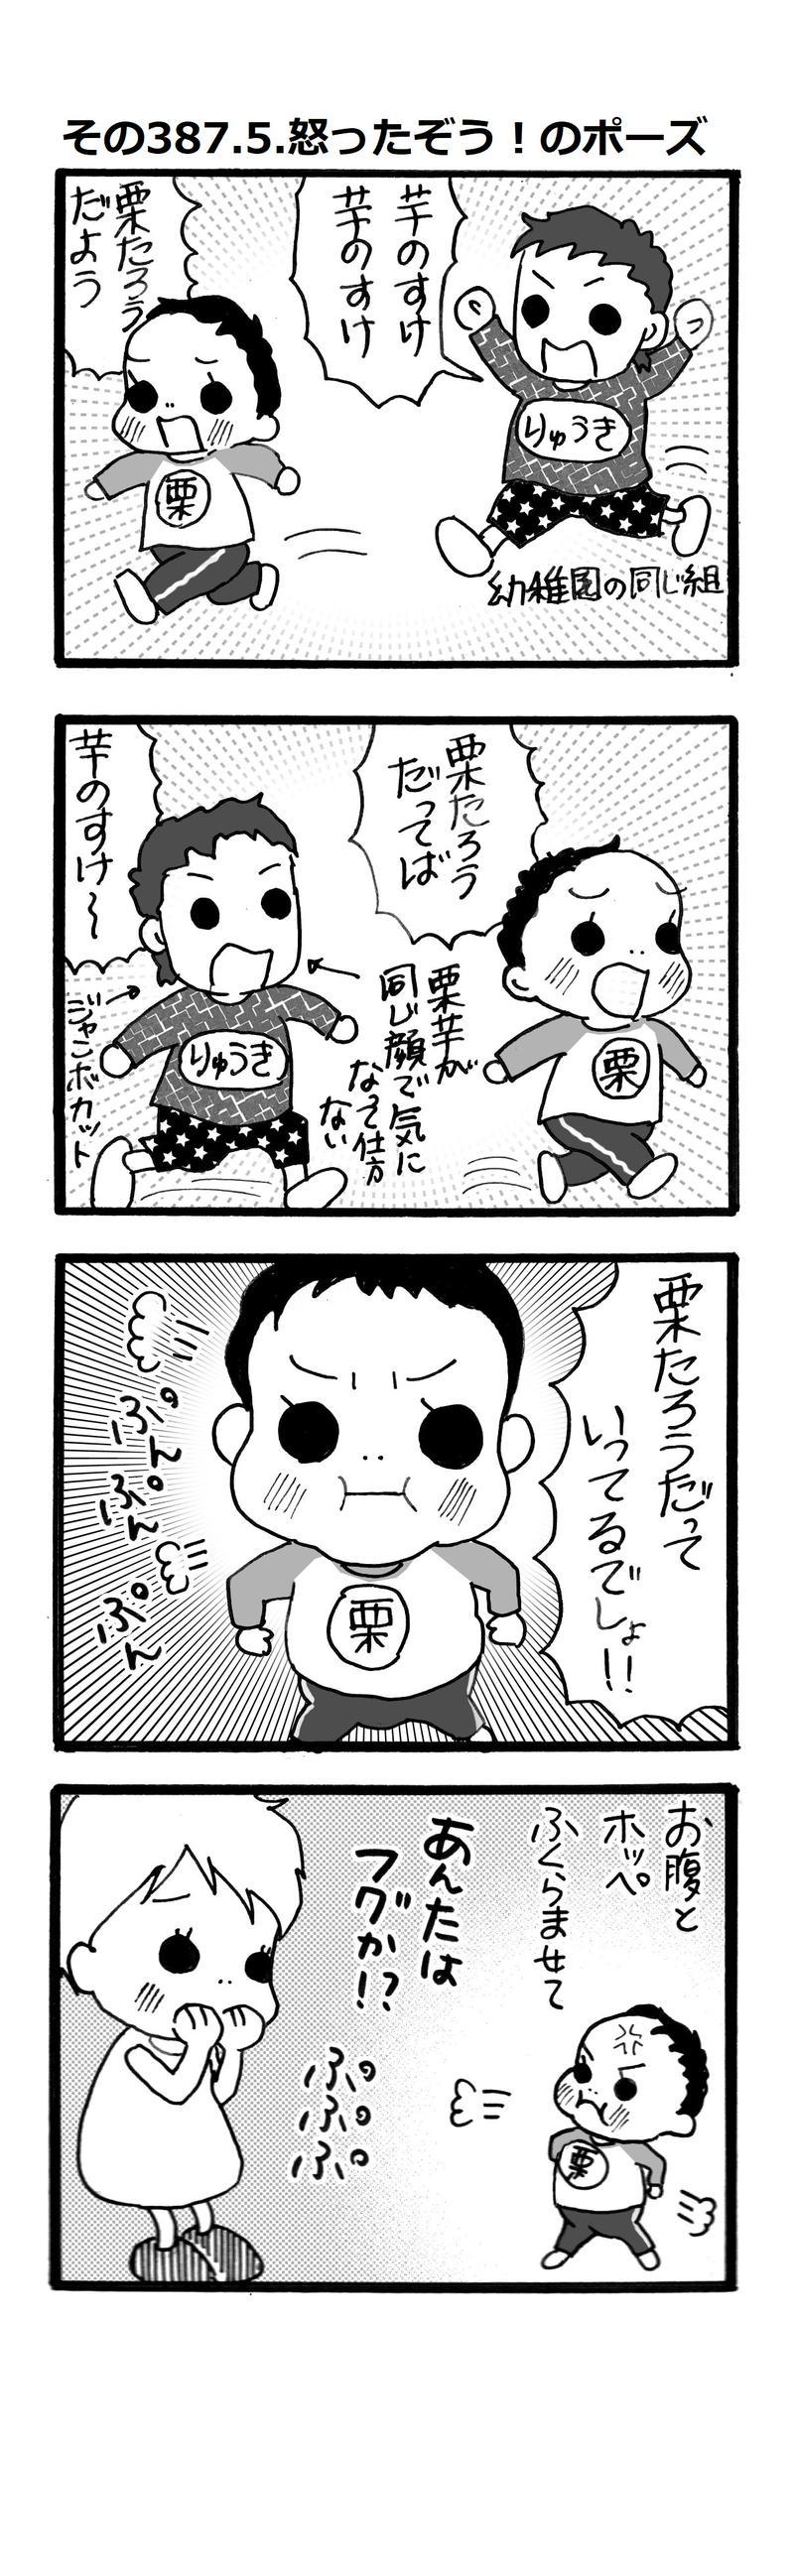 """その387.5.栗たろうの""""怒ったぞう!""""ポーズ"""